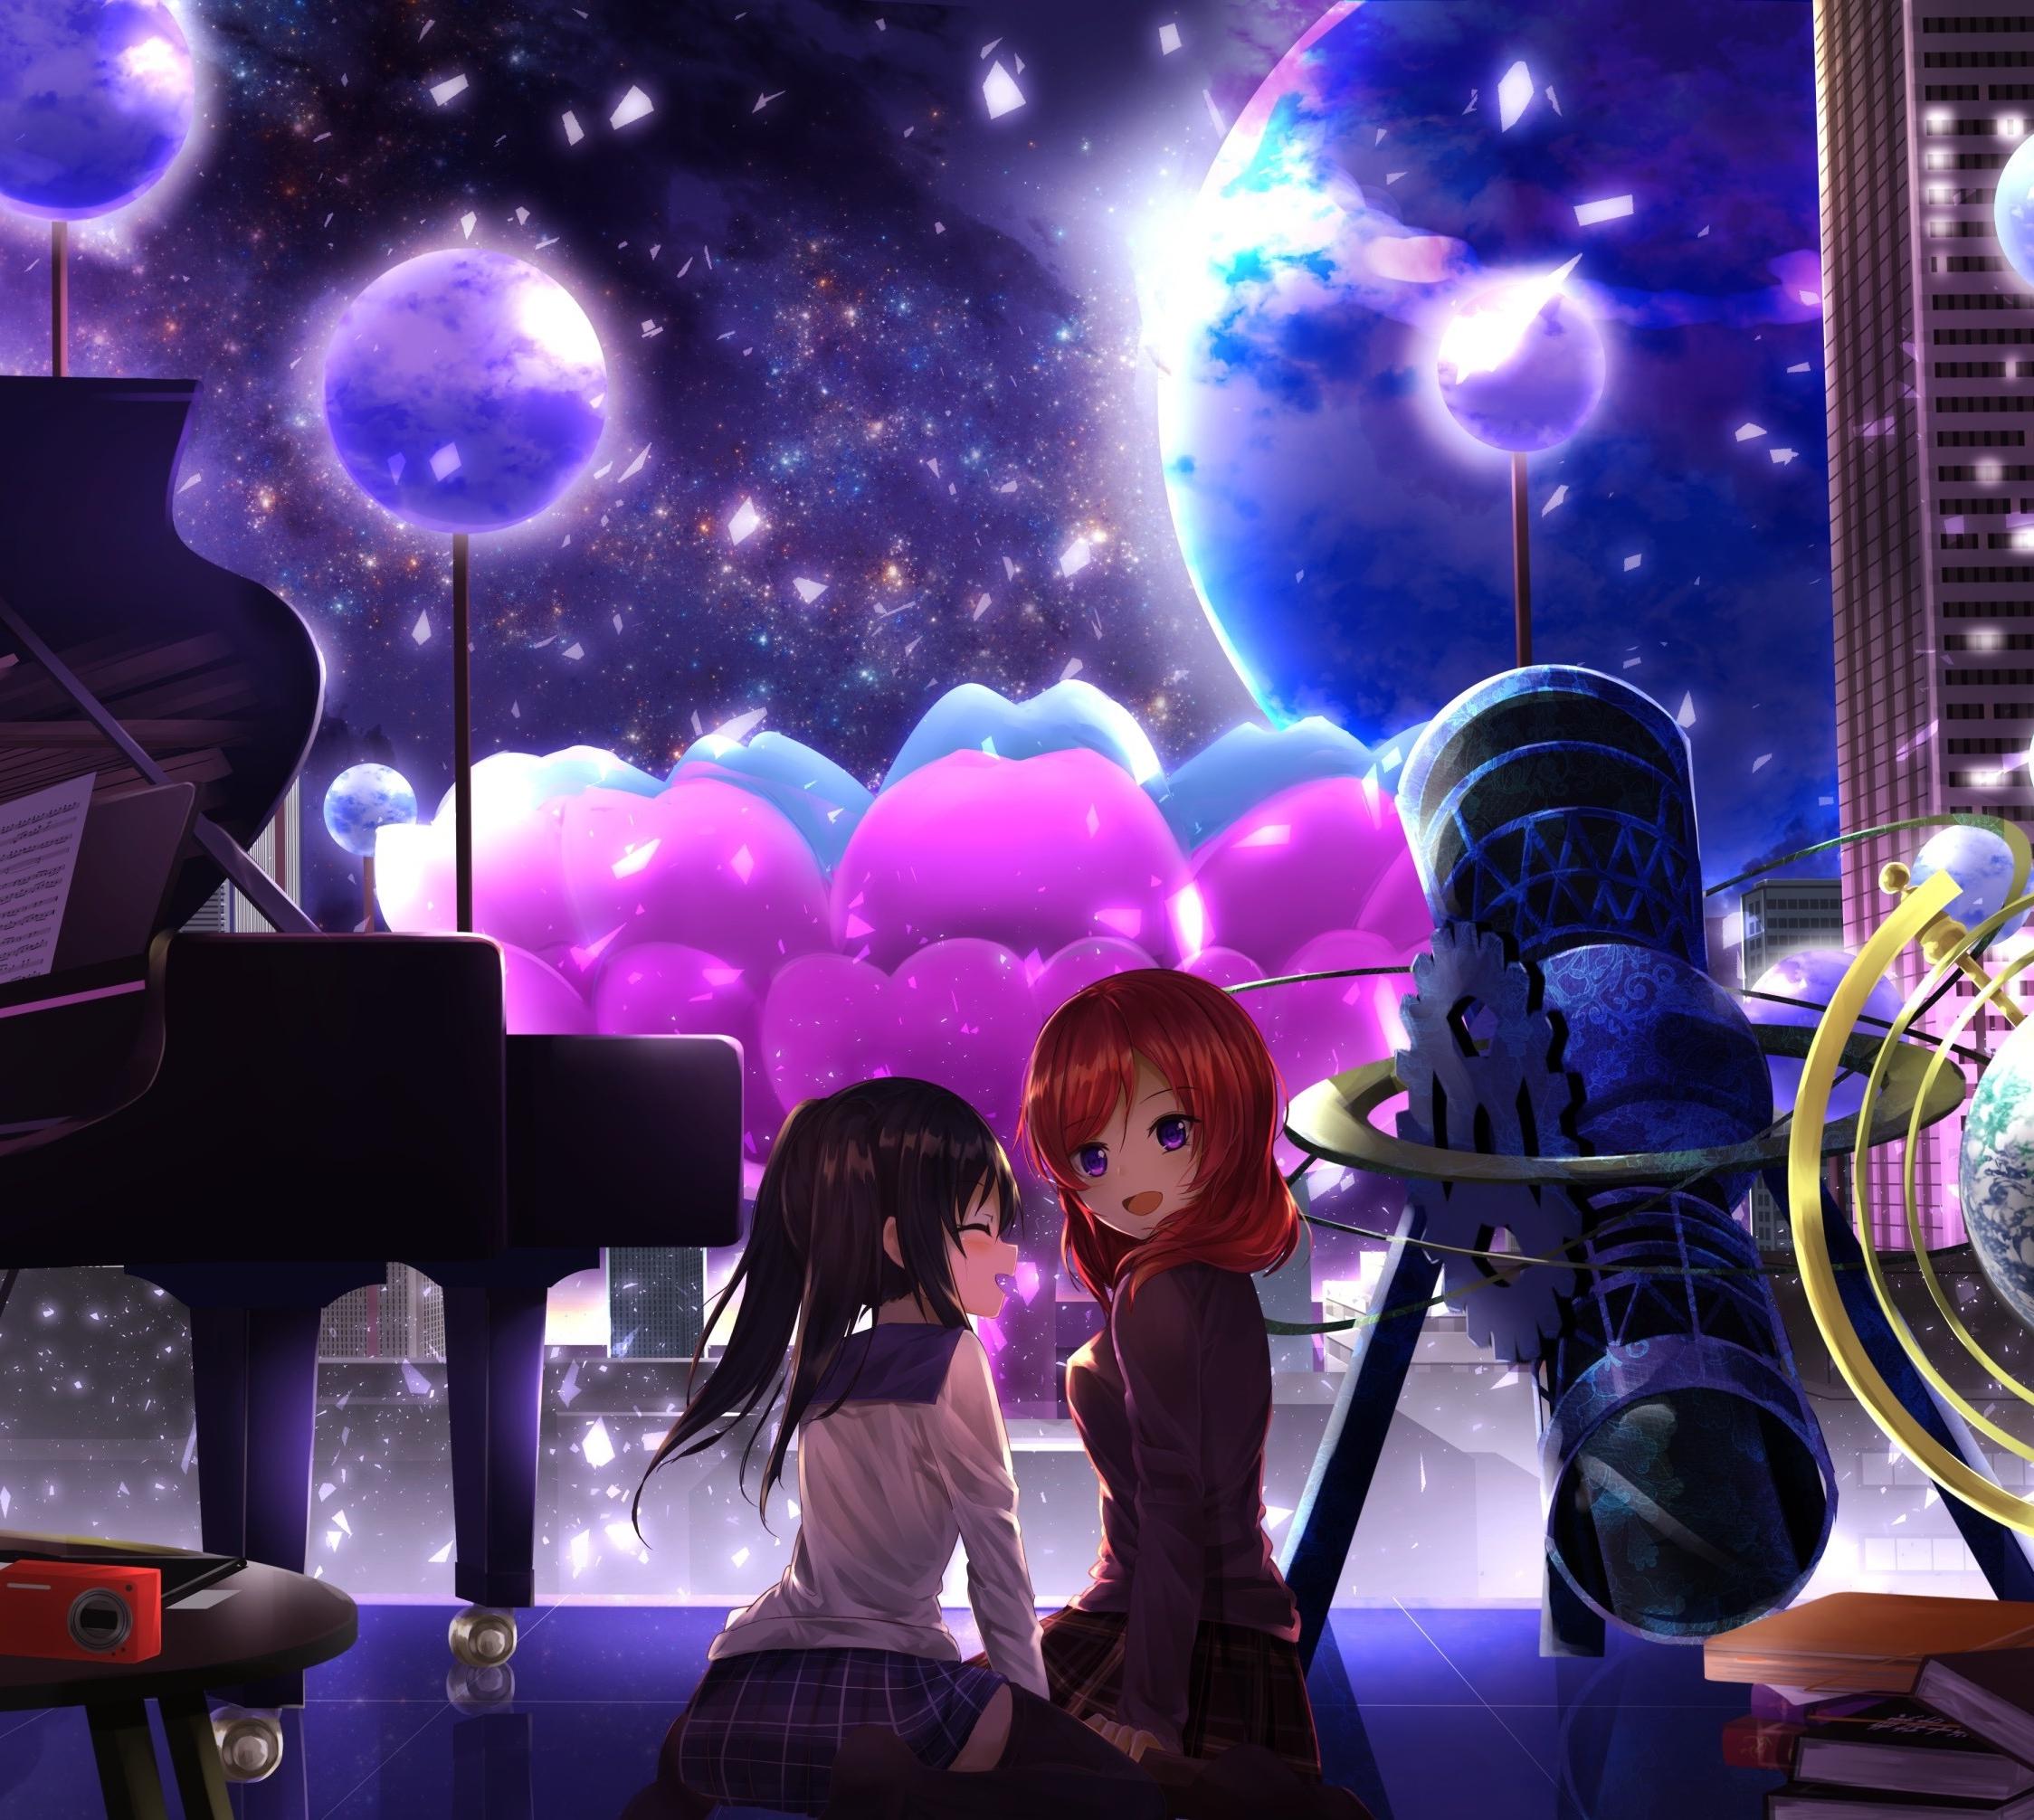 Maki Nishikino Nico Yazawa Love Live Anime Girls 2248x2248 Wallpaper